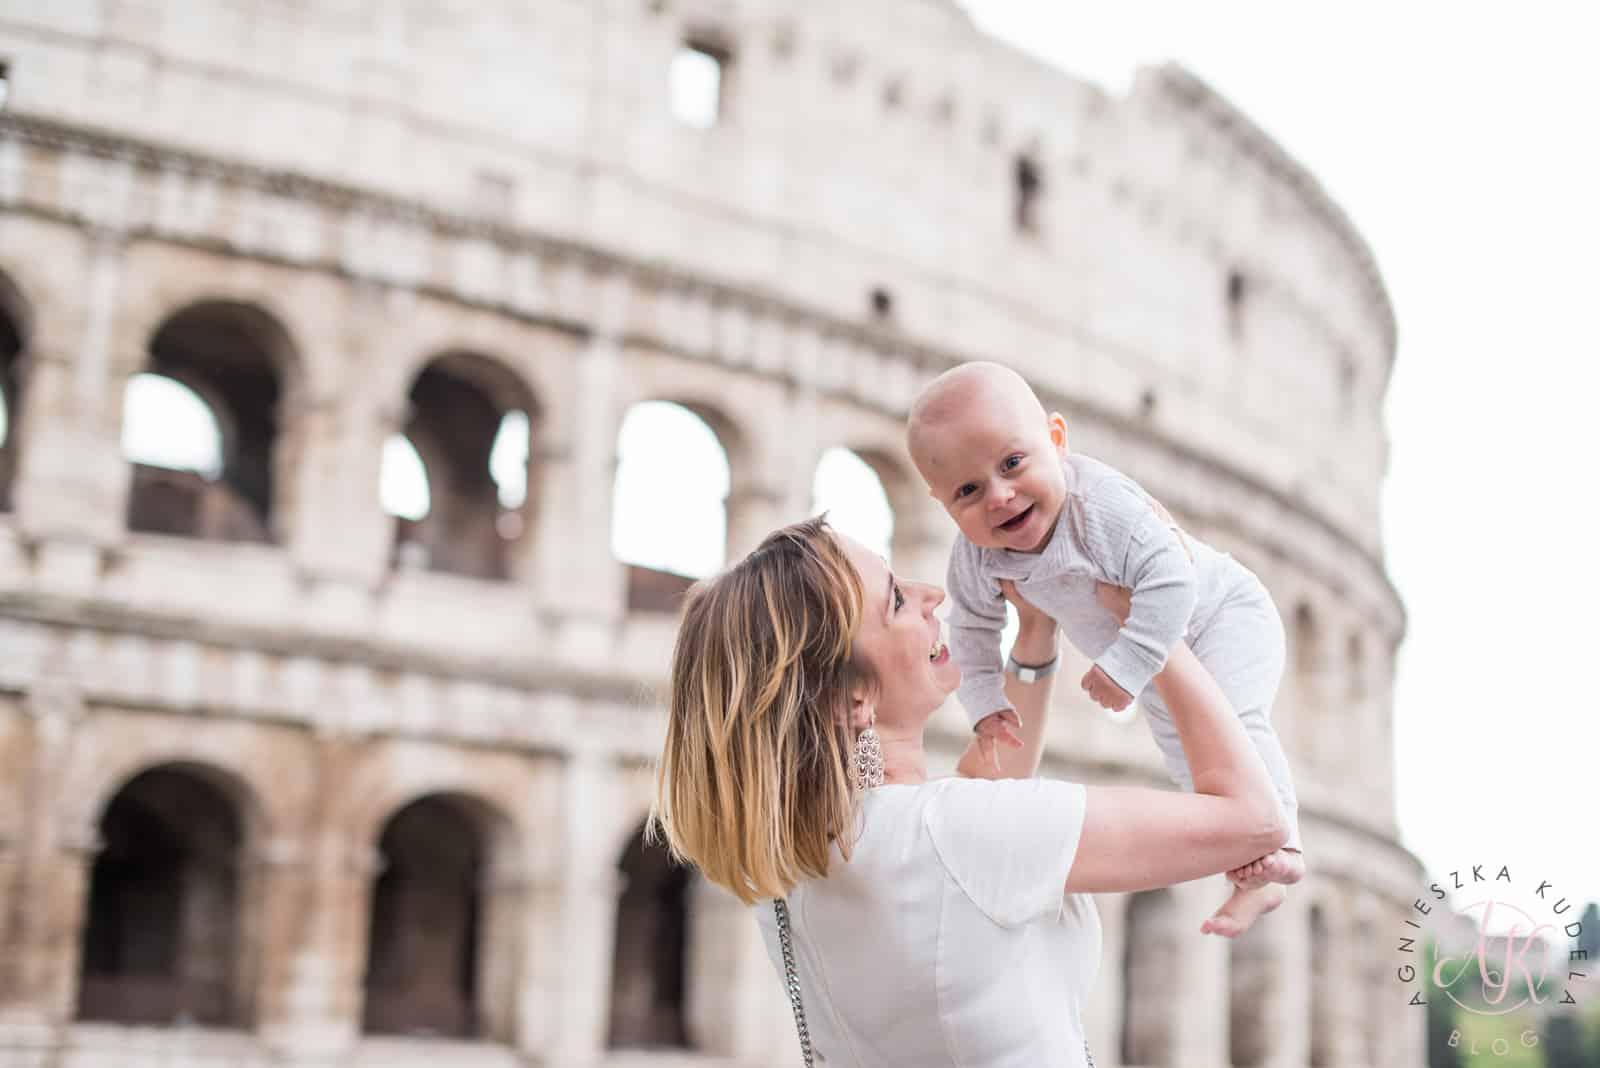 Strój na wakacje do Rzymu